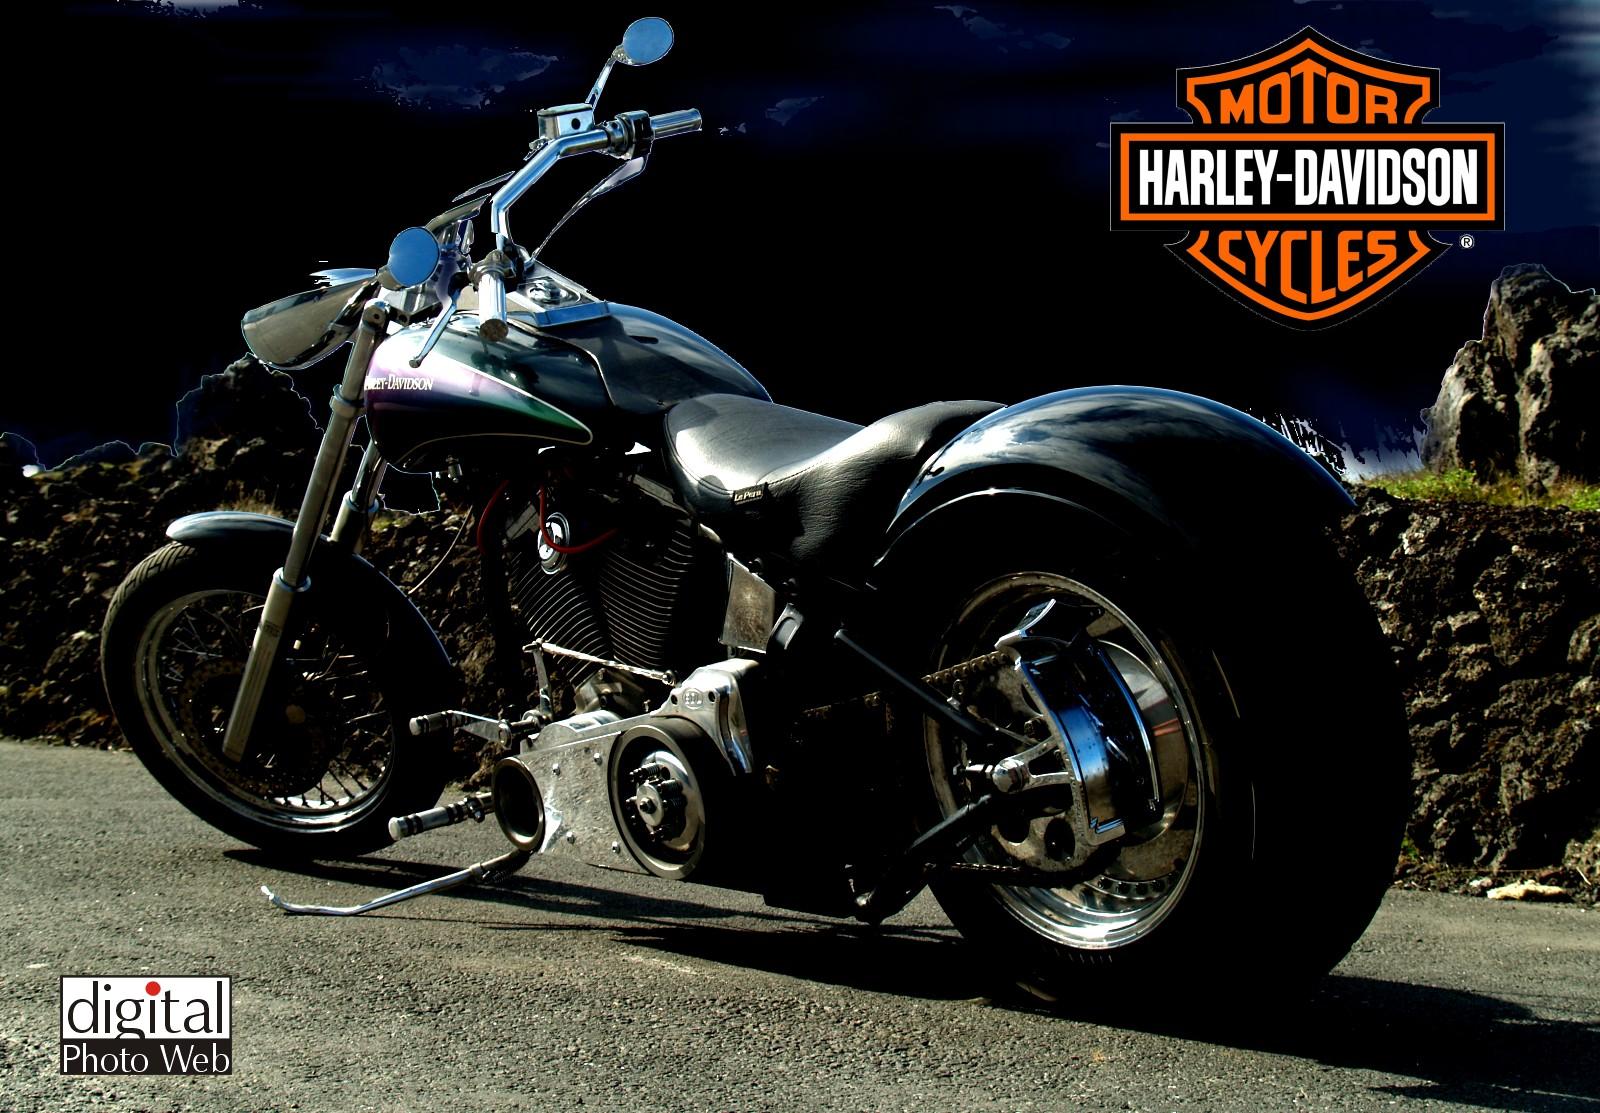 harley davidson motorcycle. Black Bedroom Furniture Sets. Home Design Ideas